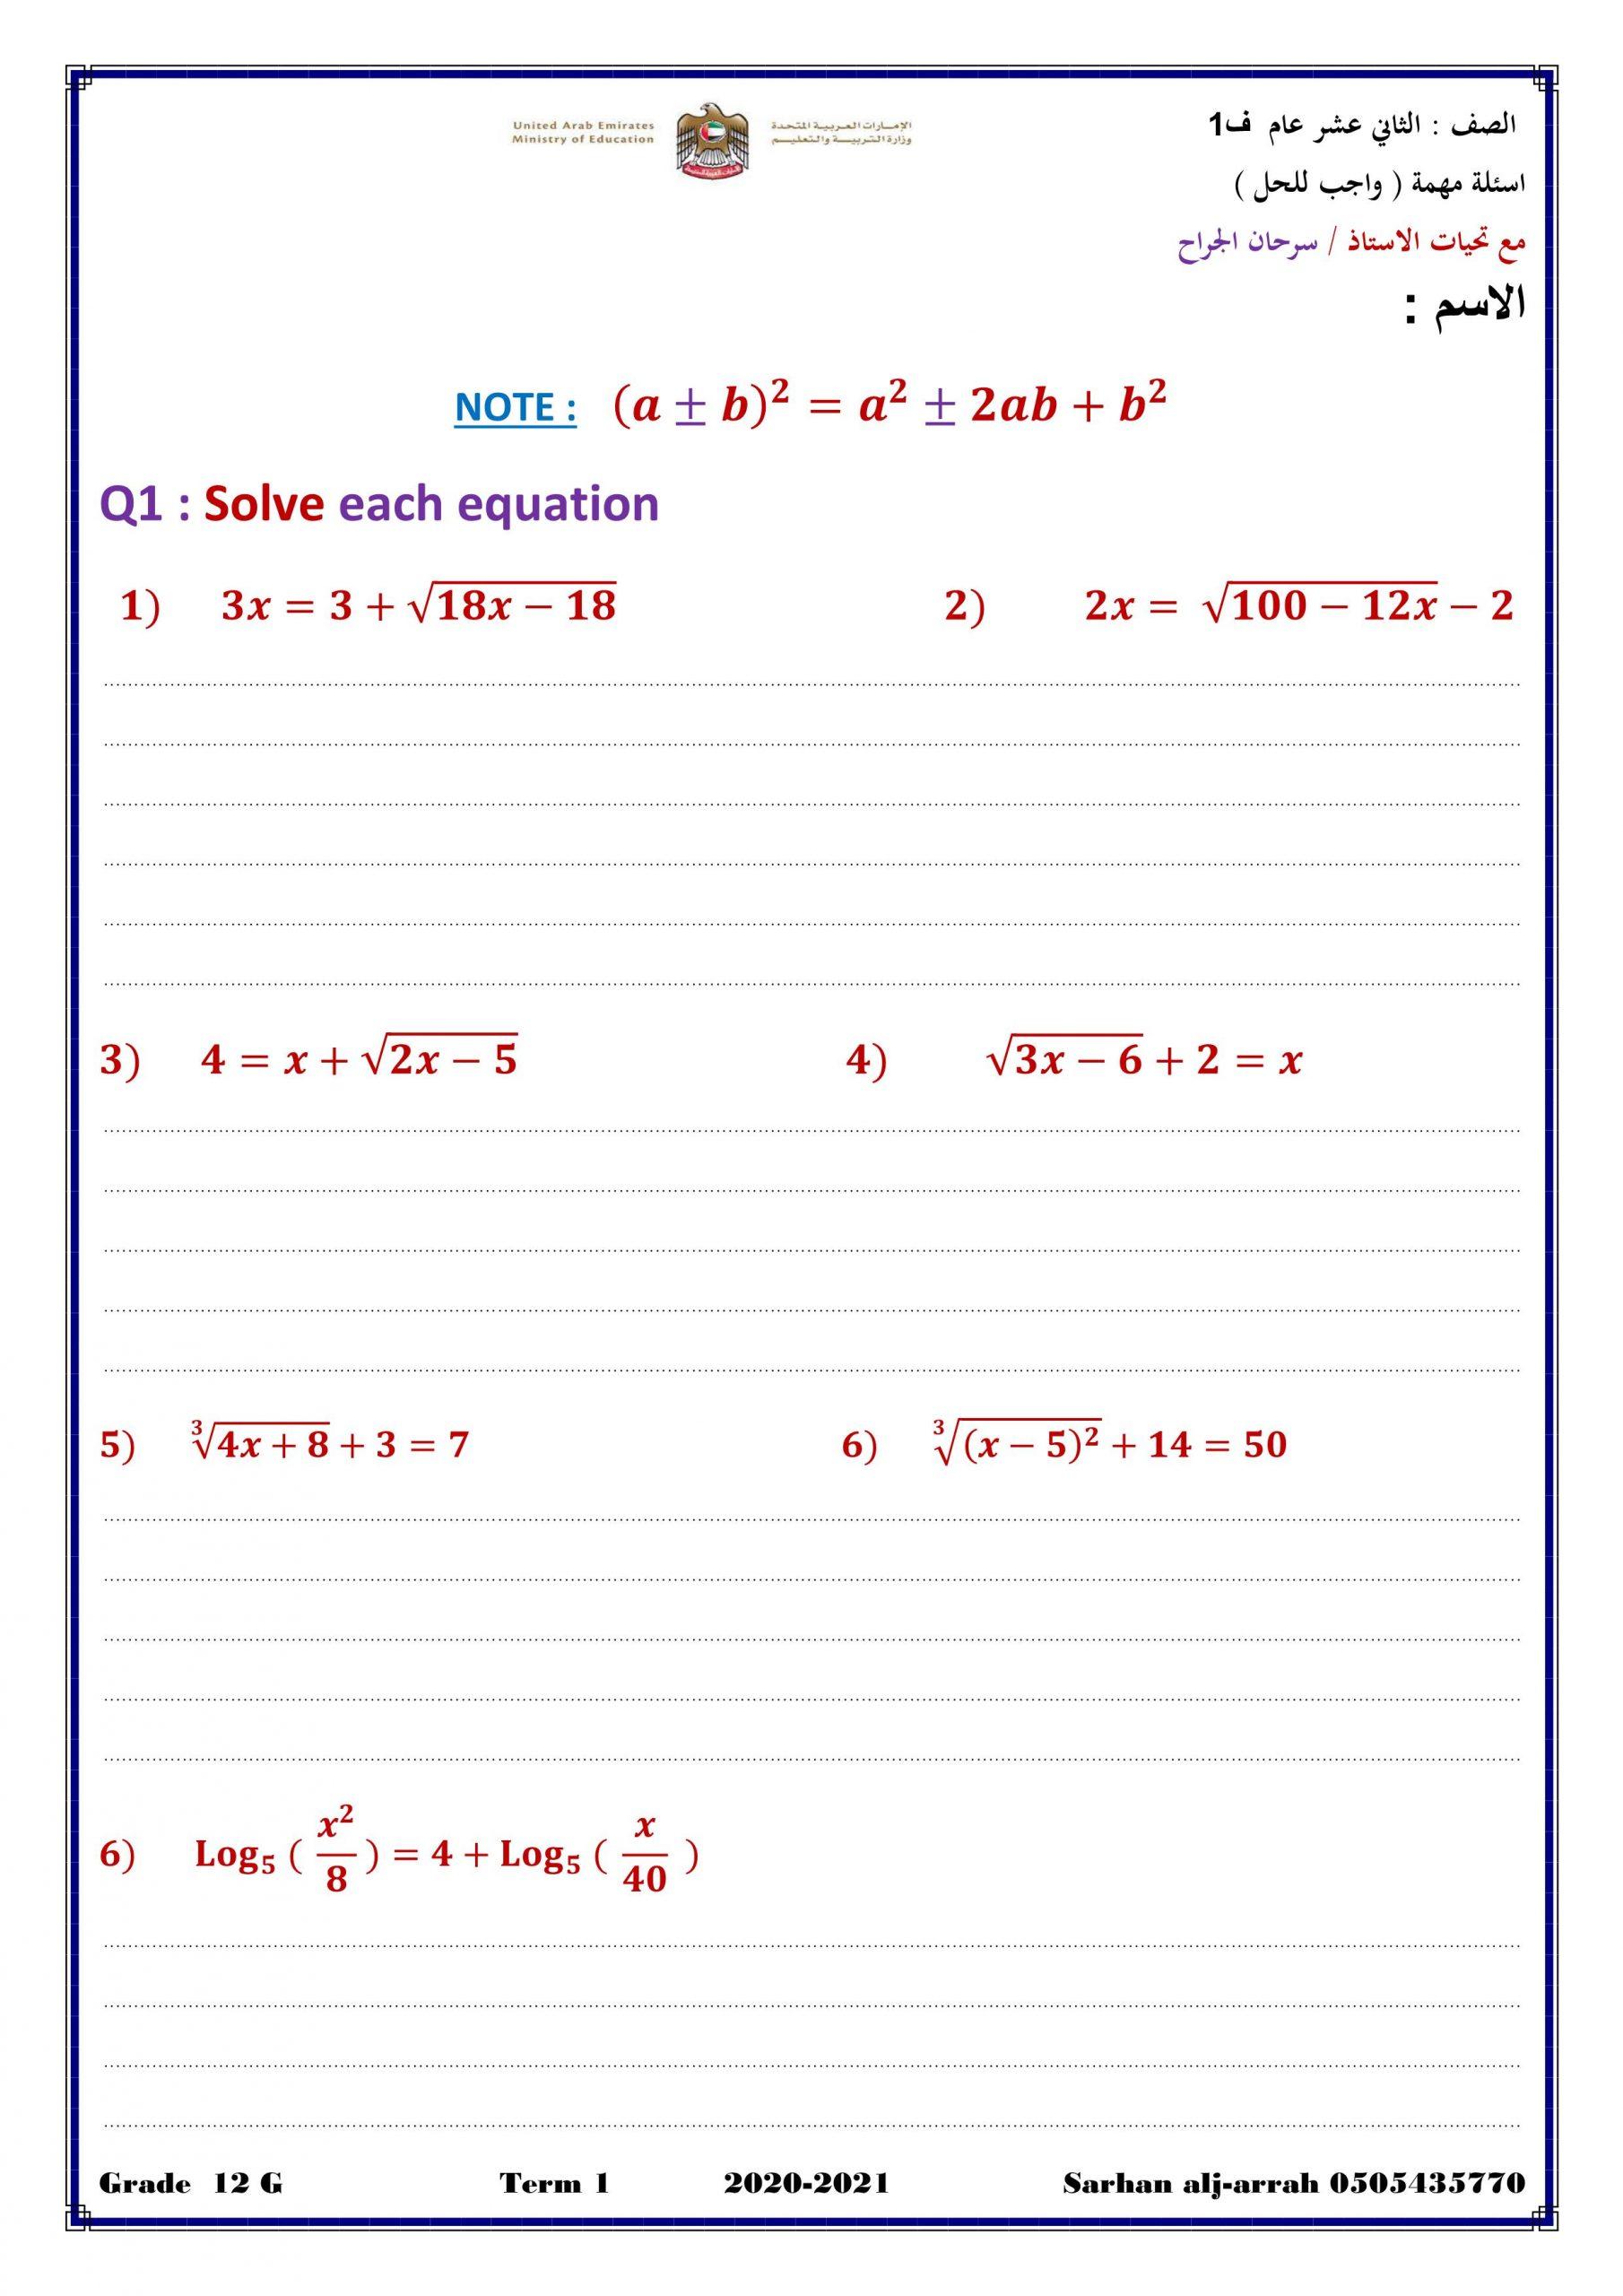 اوراق عمل مراجعة بالانجليزي الصف الثاني عشر عام مادة الرياضيات المتكاملة